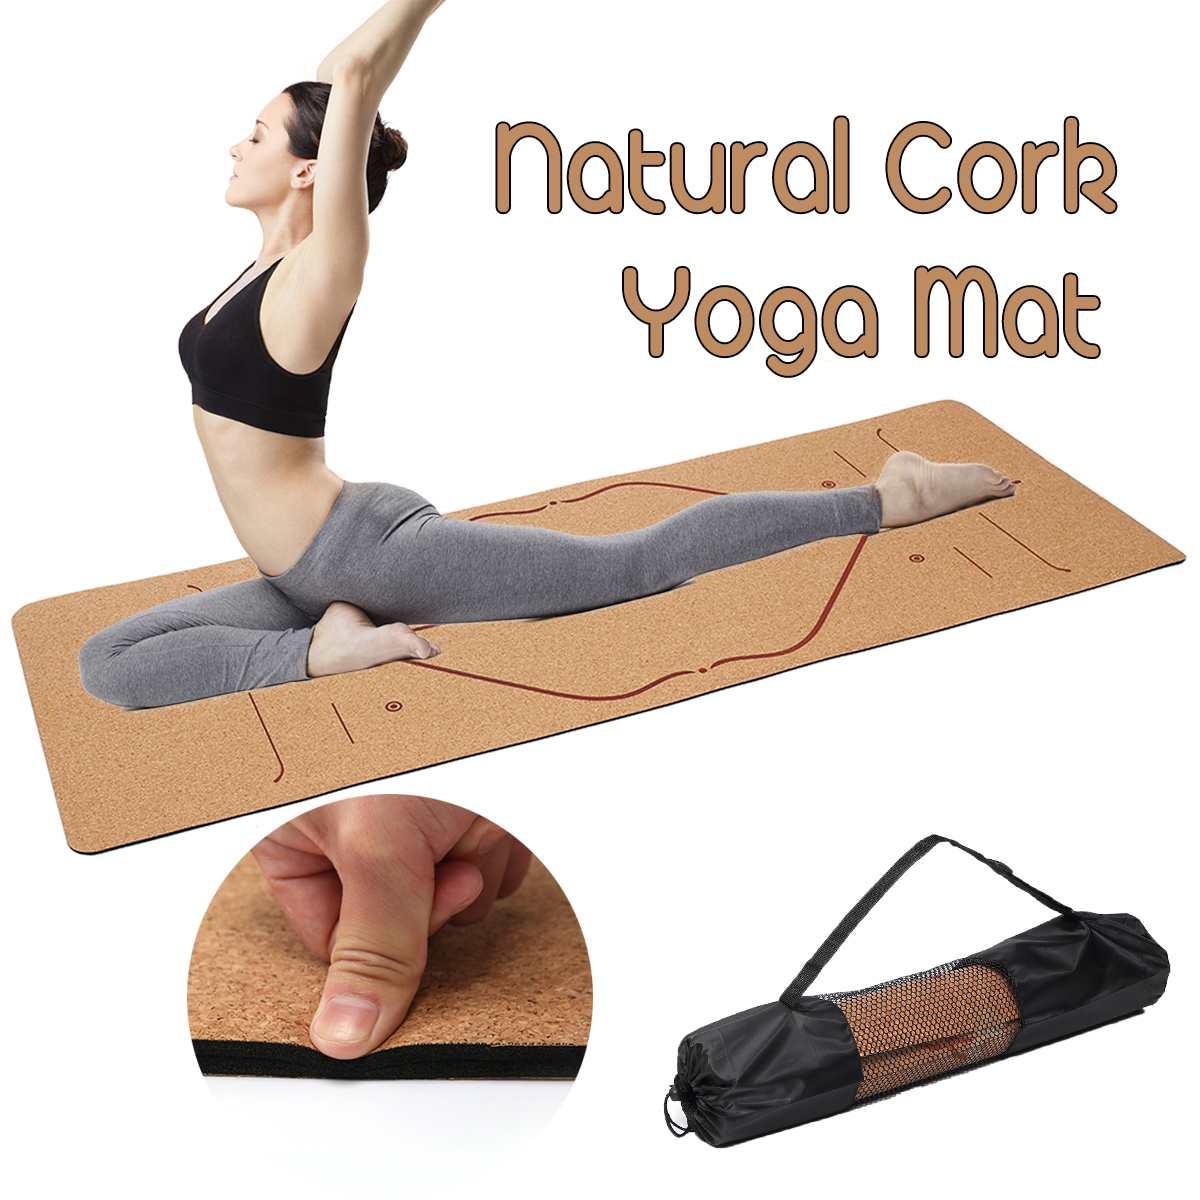 Tapis naturel de Yoga de TPE de liège de 5MM 183X68cm tapis d'entraînement d'exercice de Pilates de protection de gymnase de Sports de forme physique antidérapant avec le sac de Yoga